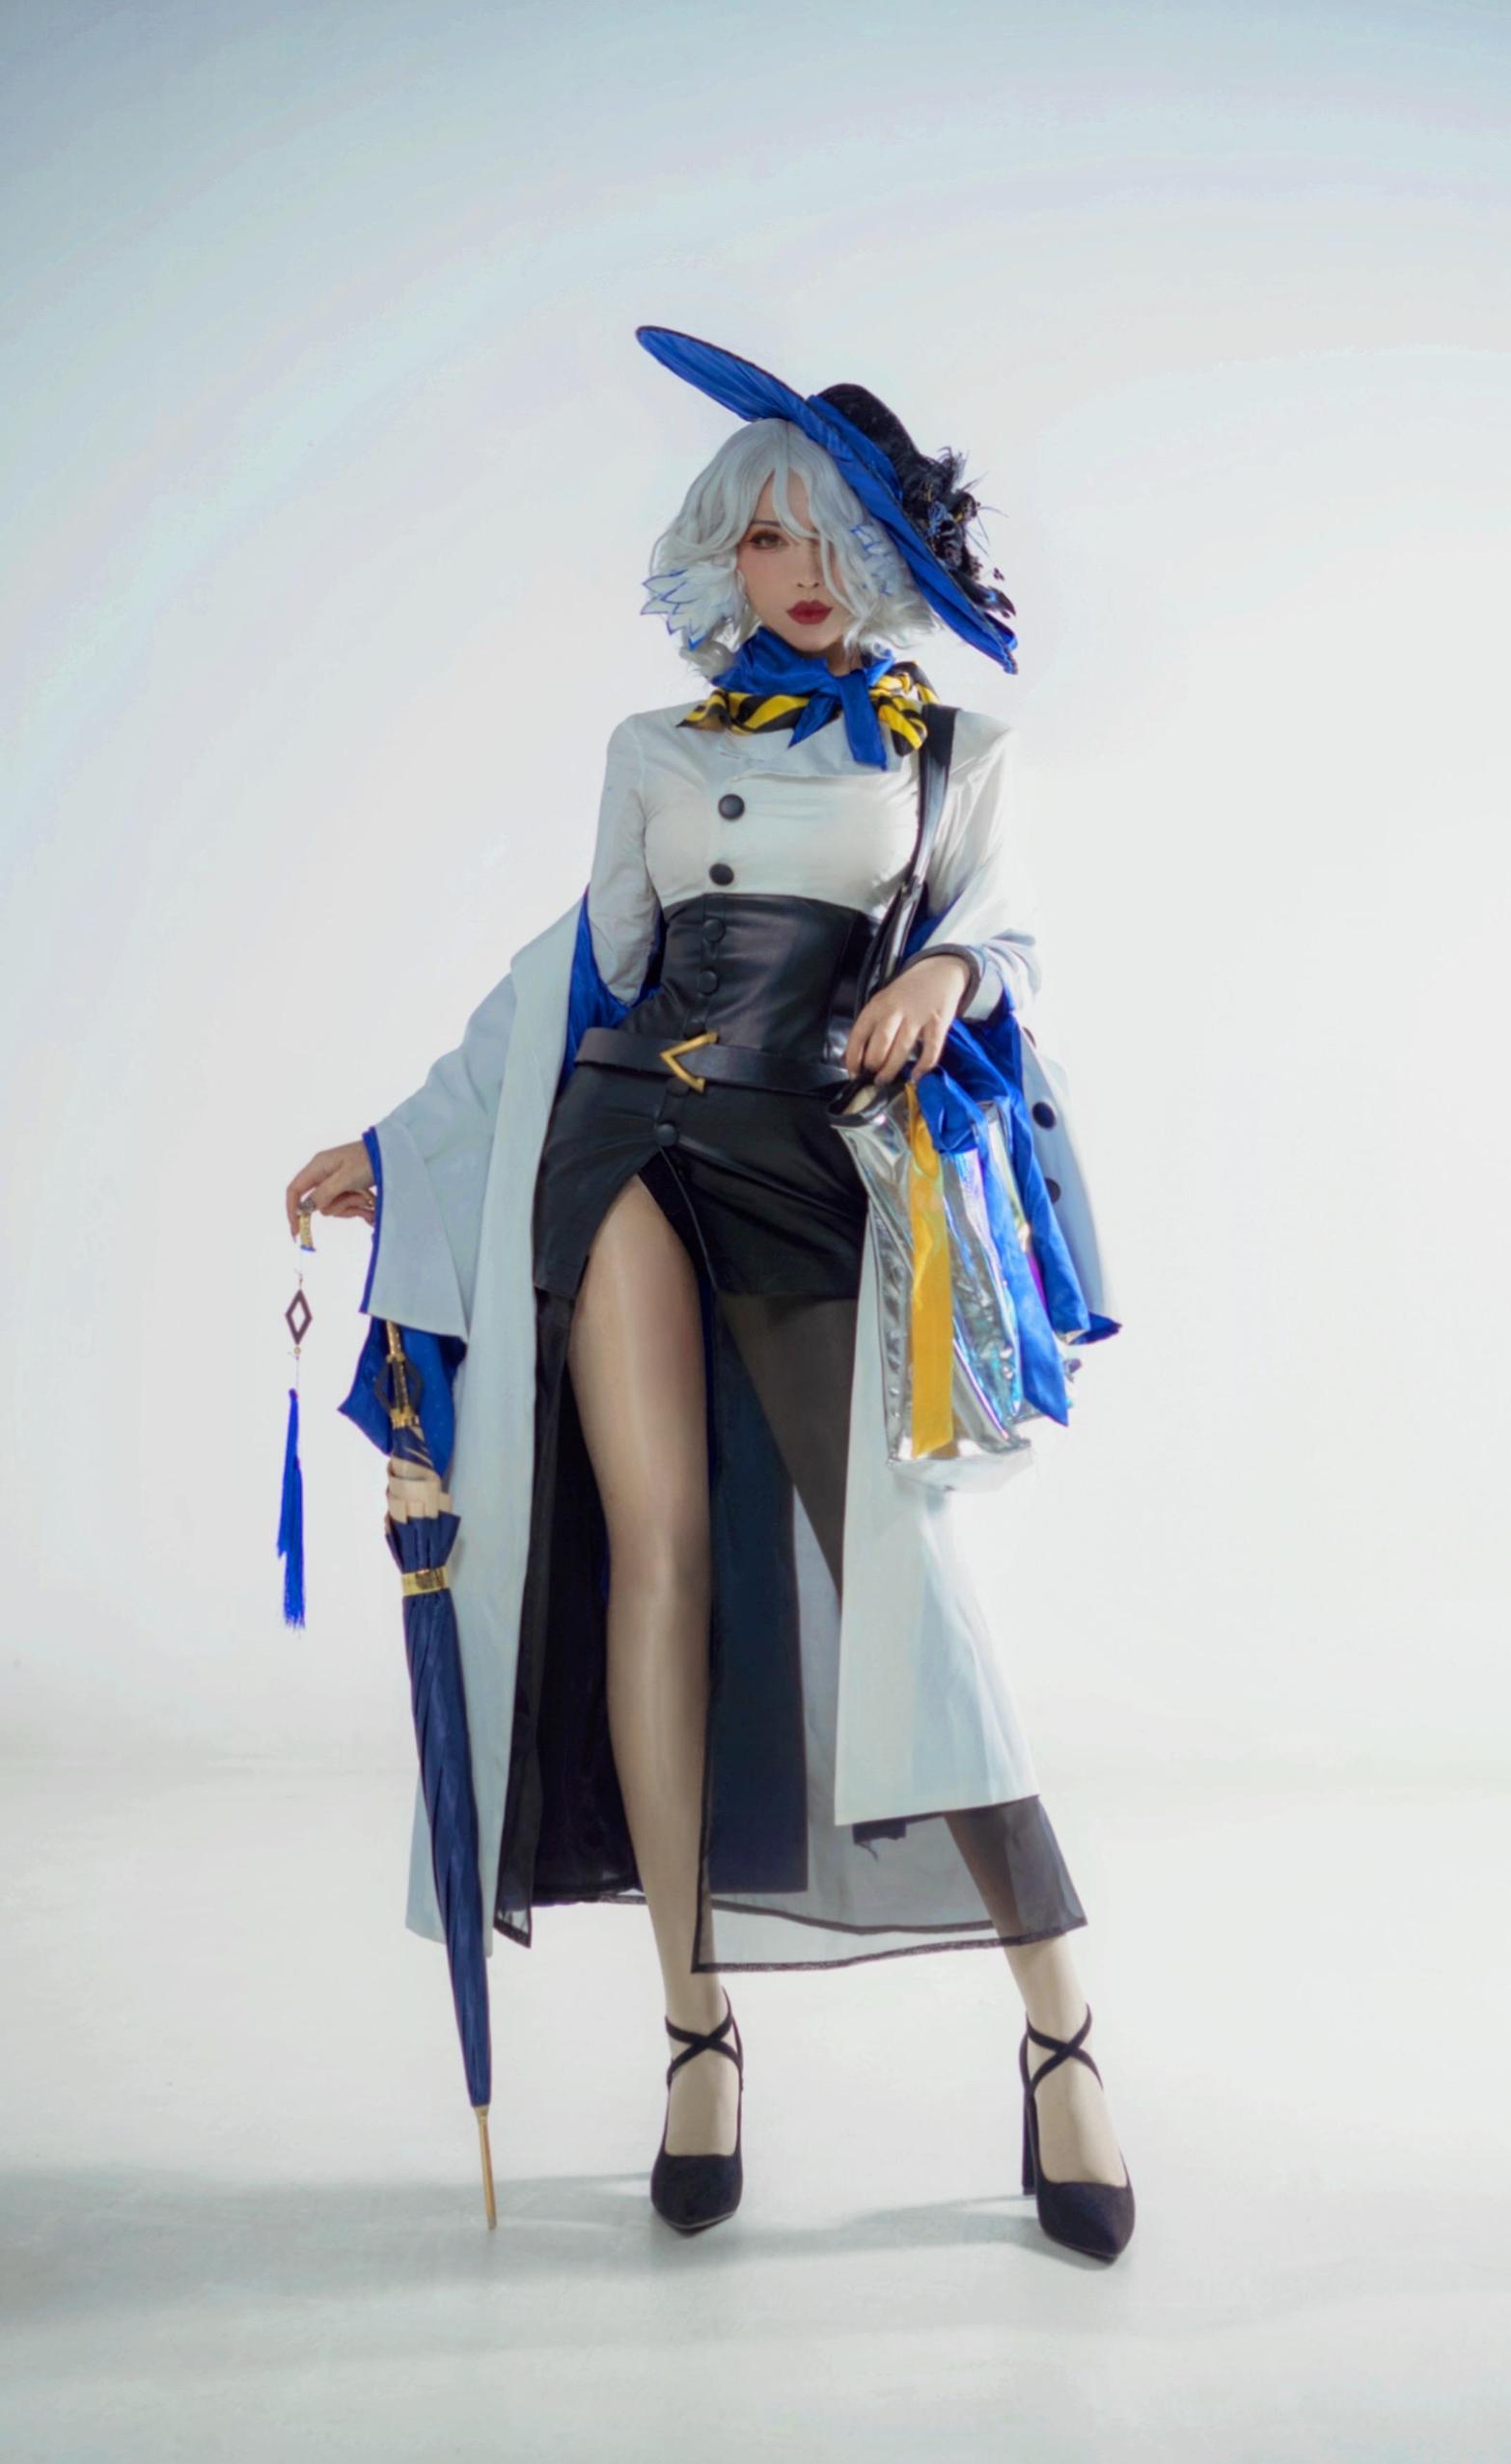 《明日方舟》同人cosplay【CN:Coser鬼鬼缨】-第2张